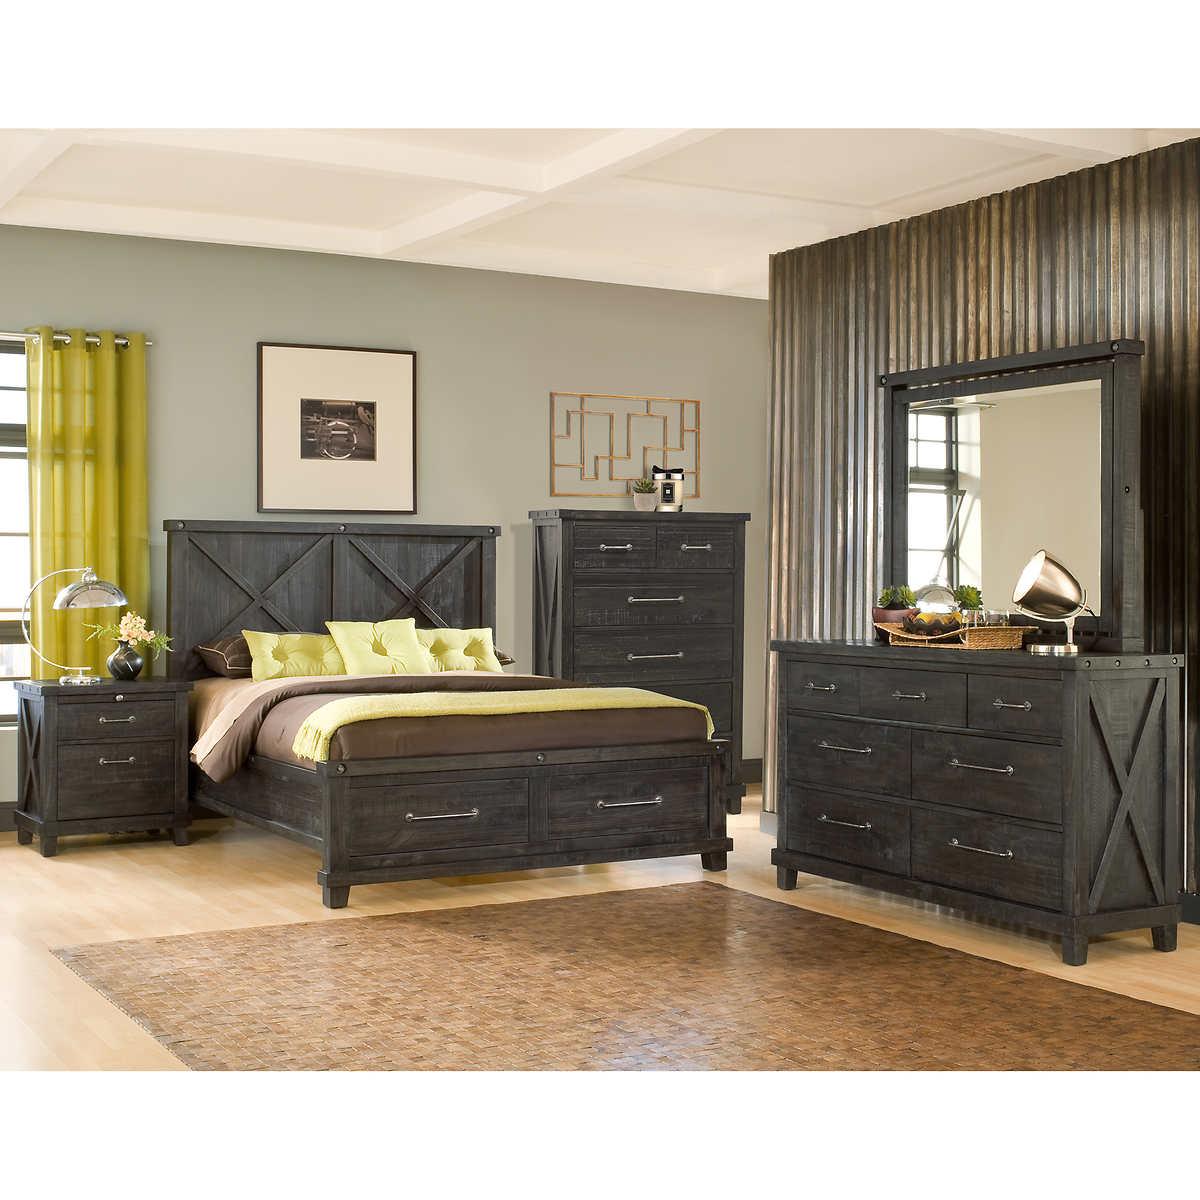 Berenger 6 Piece Queen Storage Bedroom Set